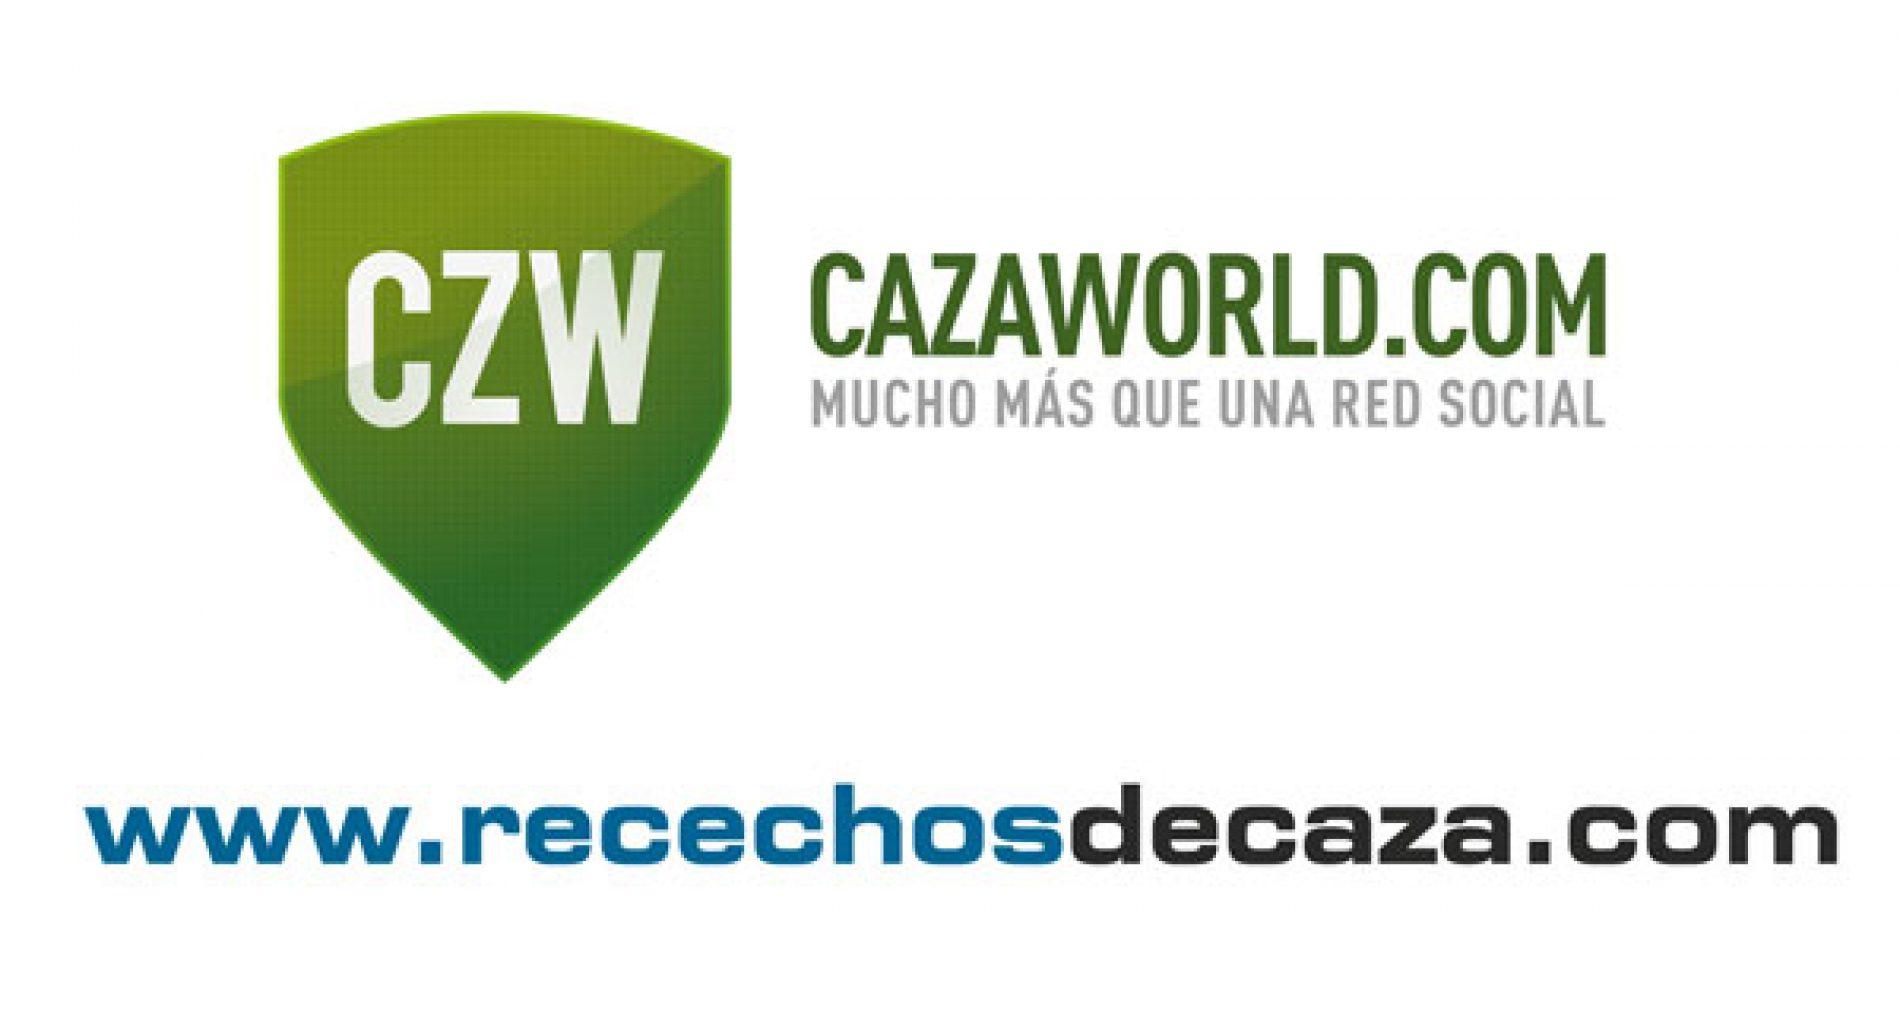 Cazaworld es adquirida por Recechos de Caza